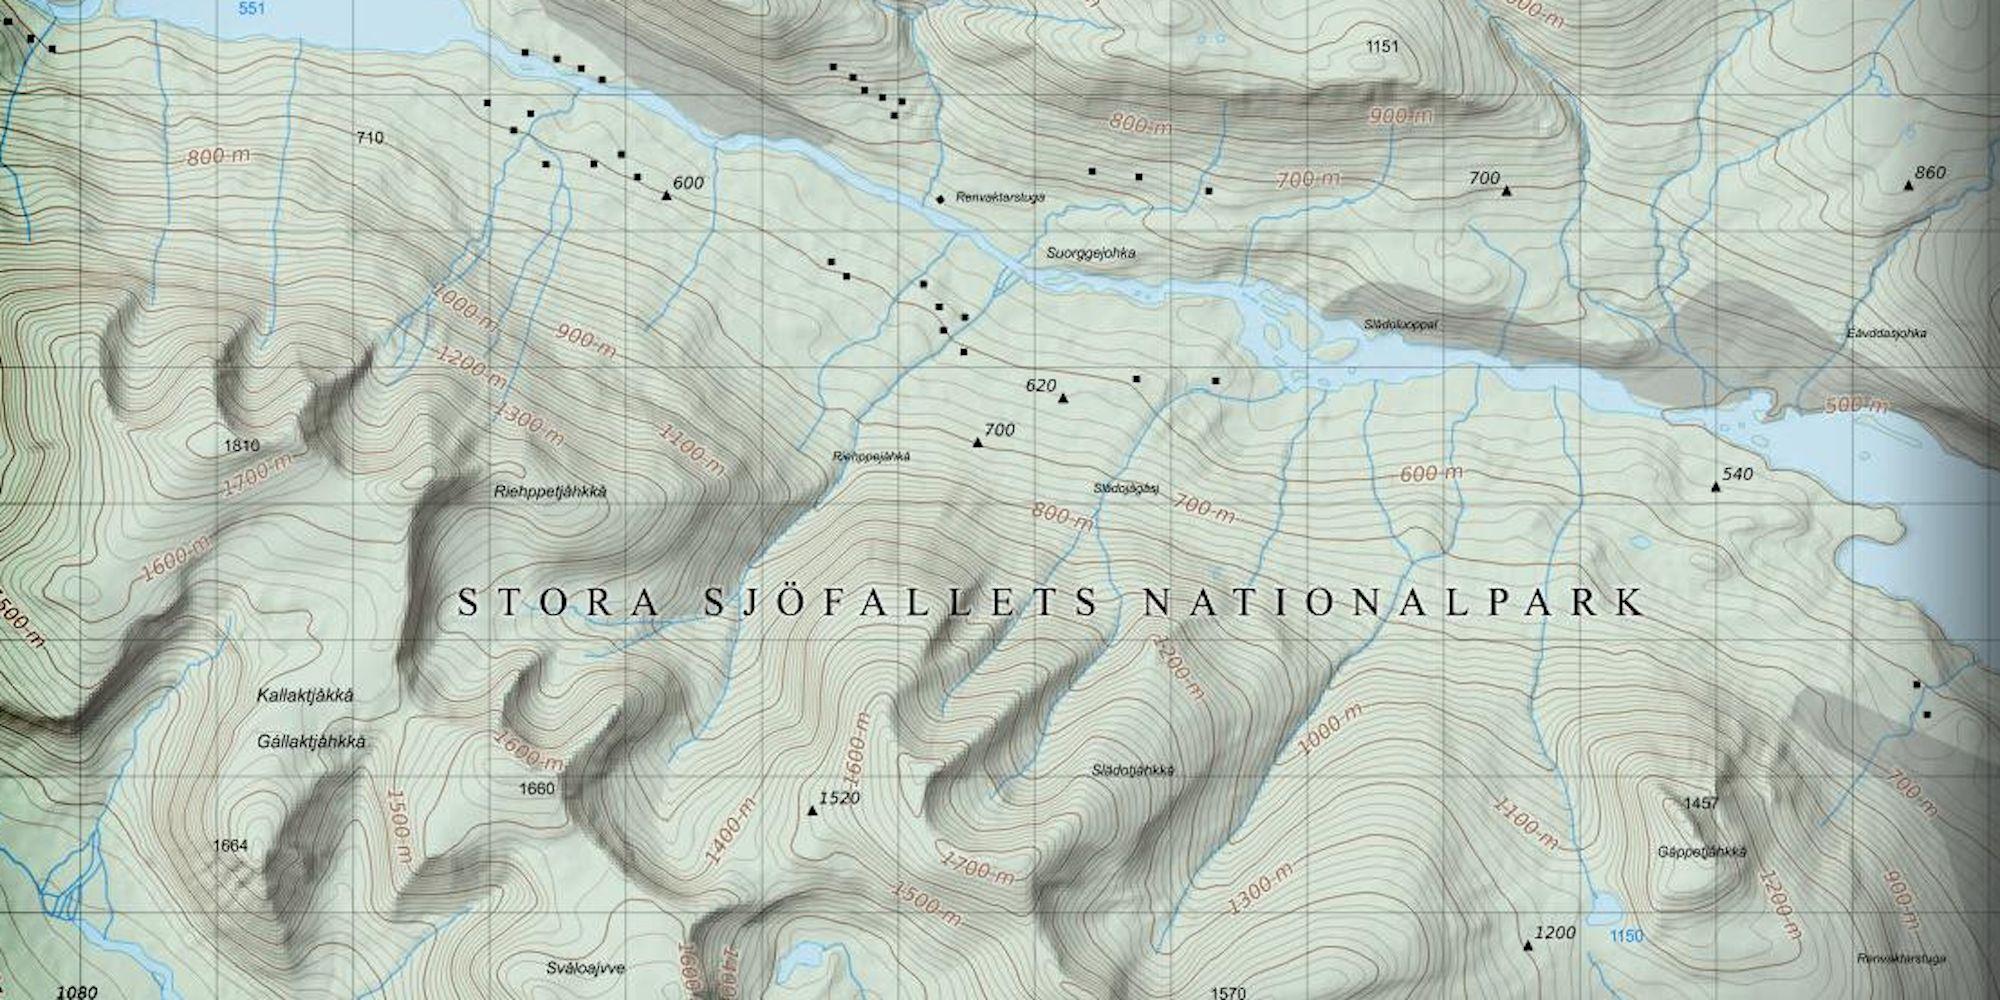 Geosupportsystem